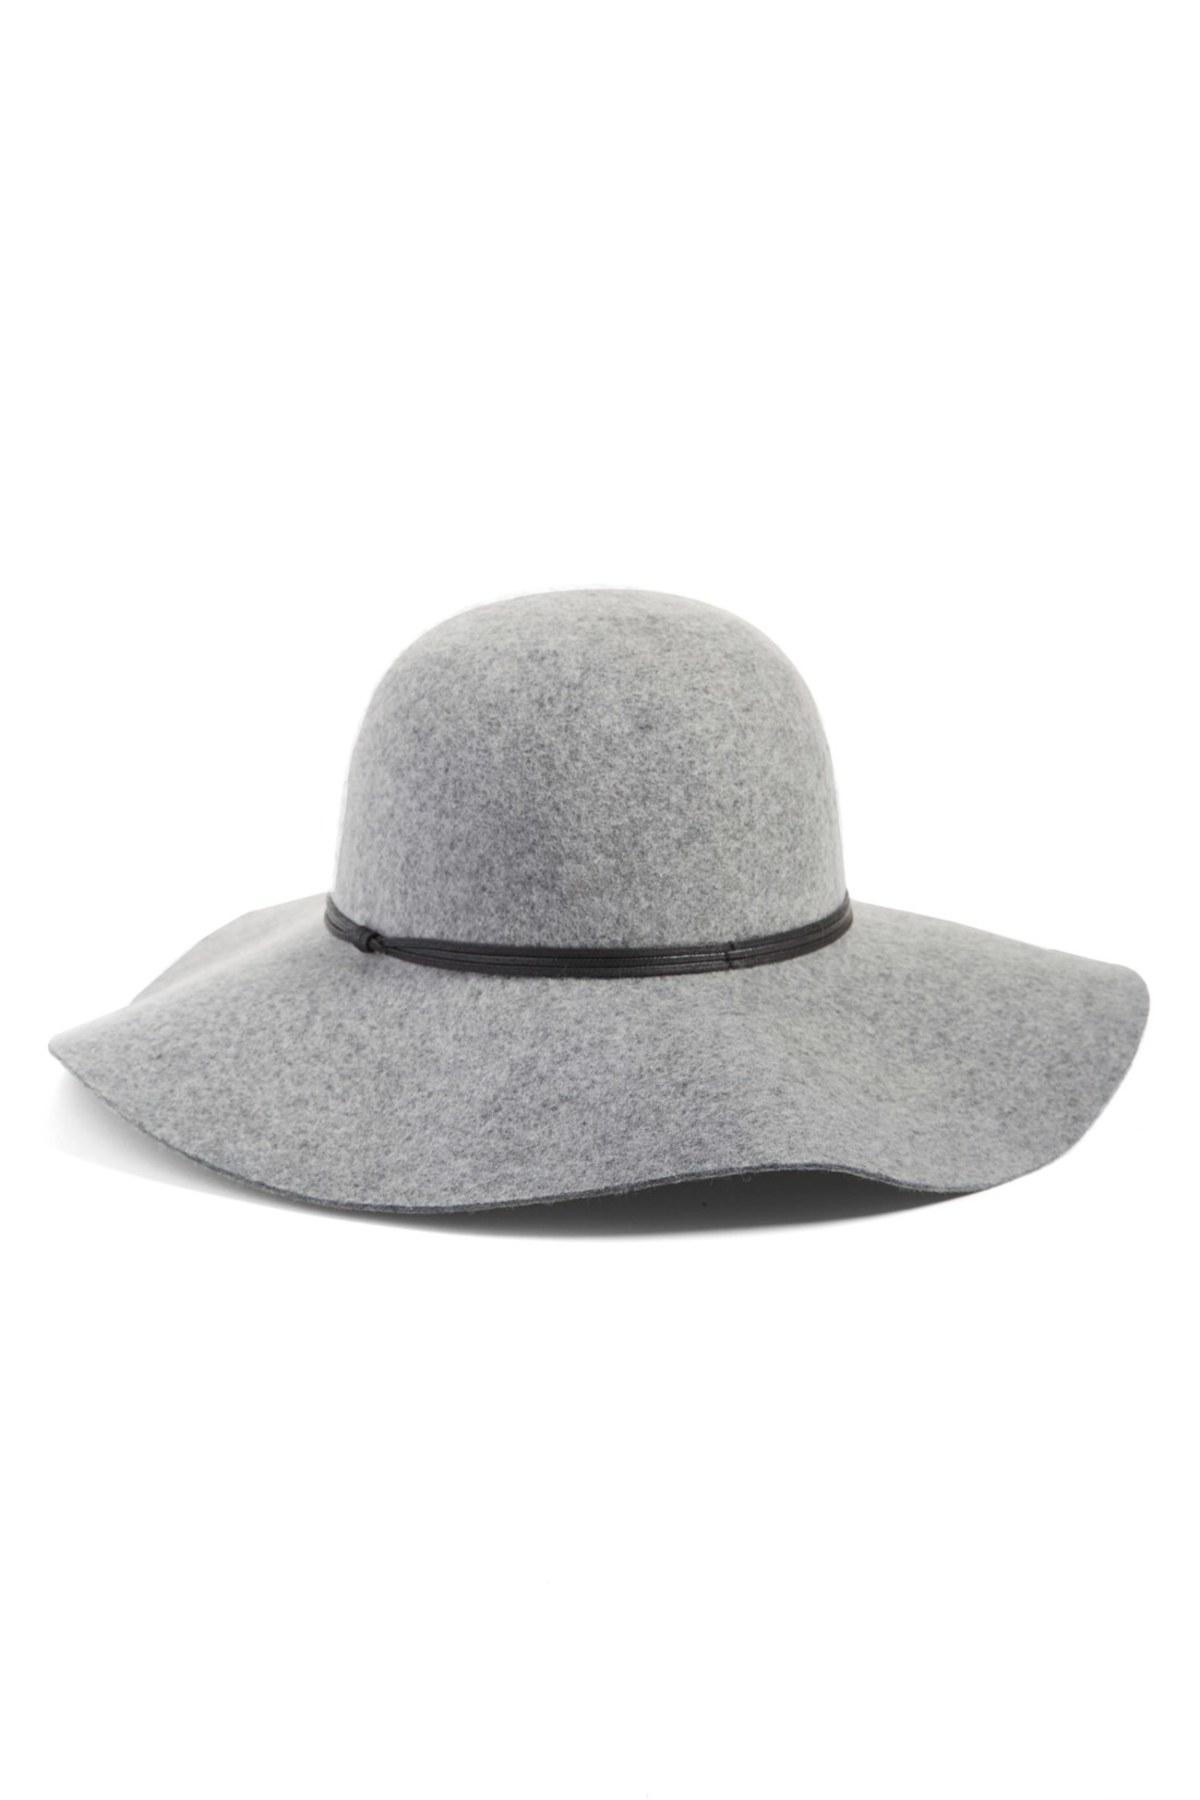 c5782fb060eaa Lyst - Hinge Floppy Wool Hat in Gray